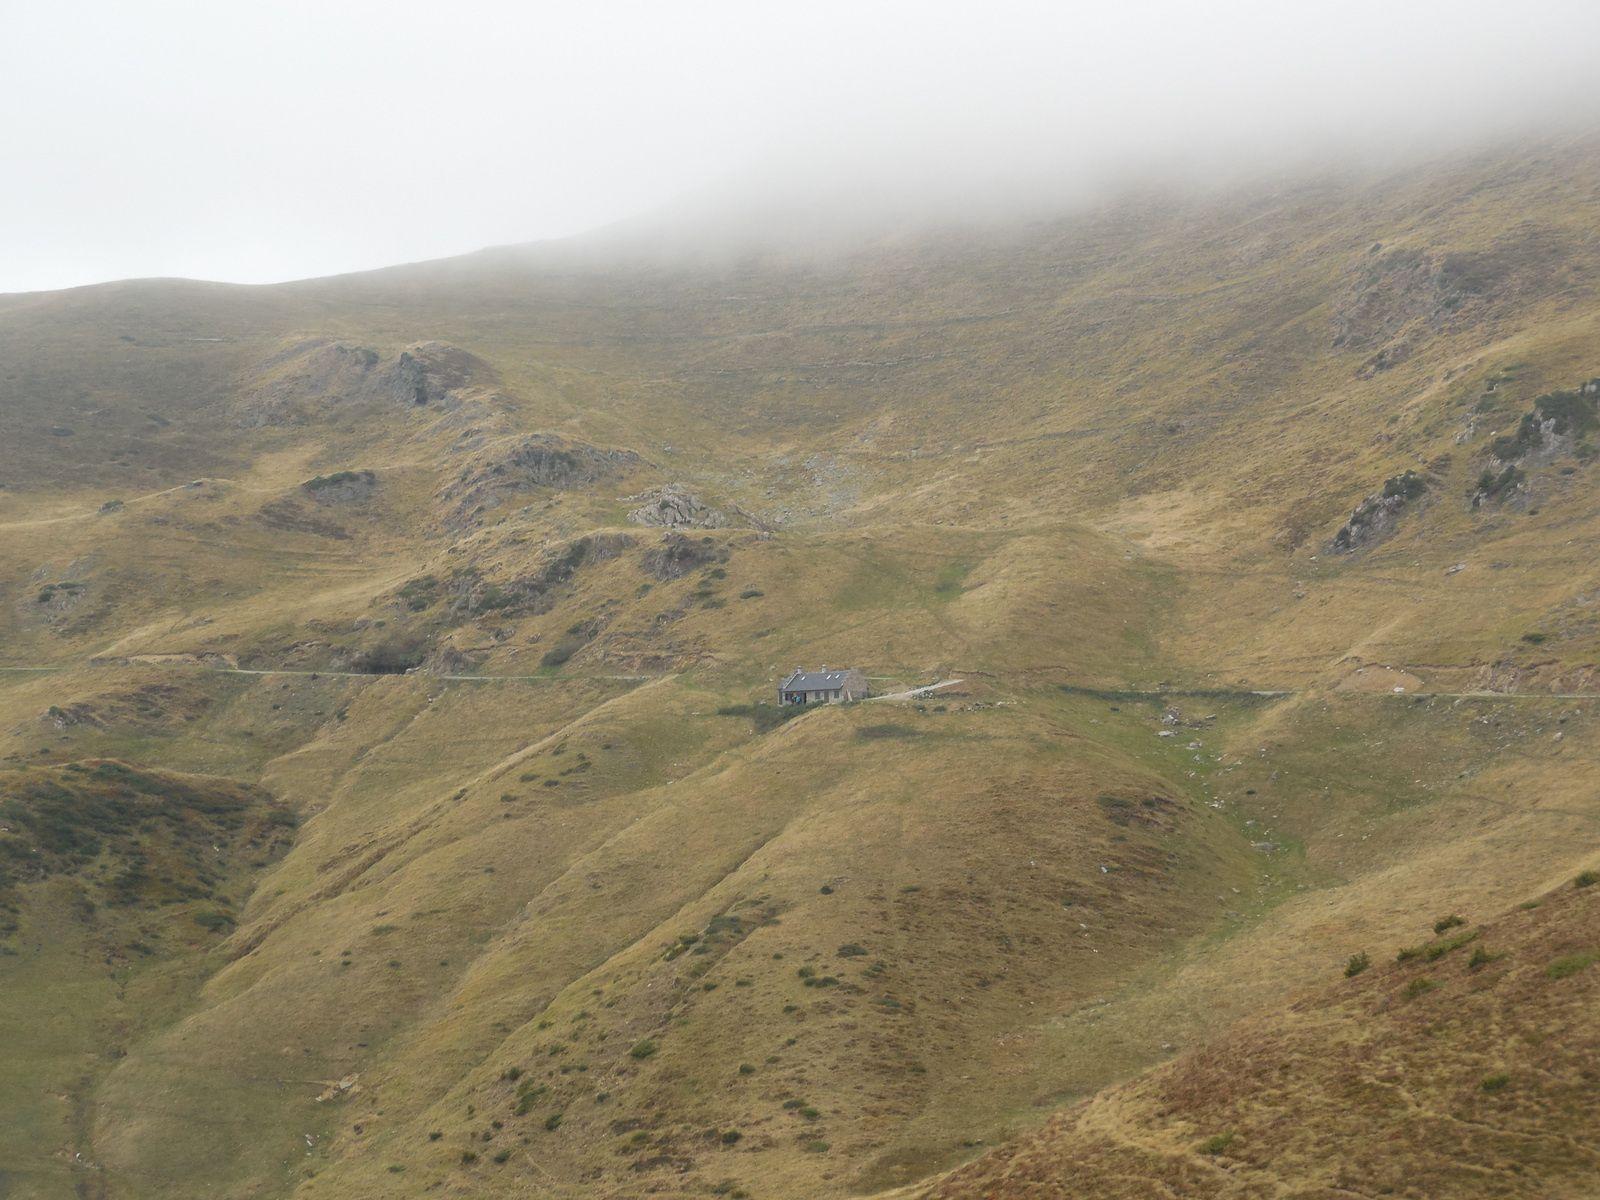 En suivant,  nous continuons vers le refuge du Mont Né (1840 m).